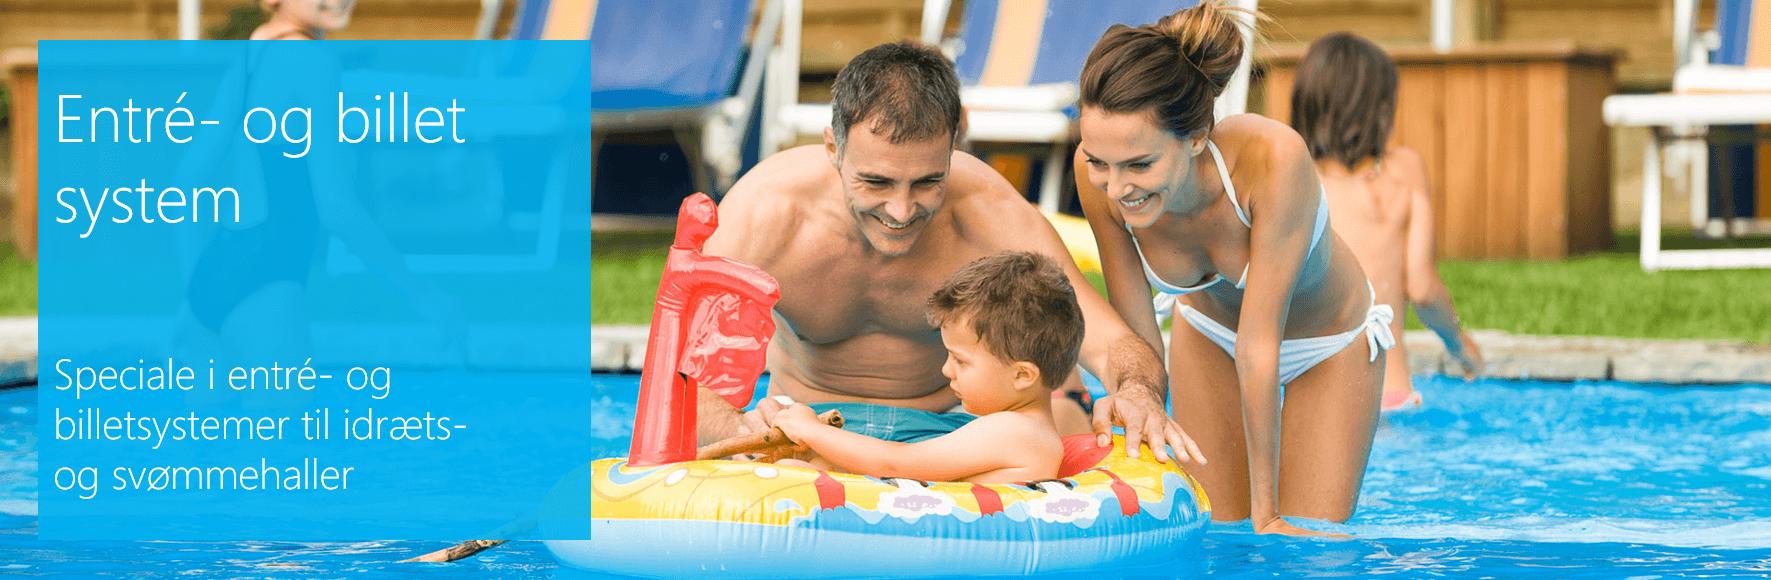 Entresystem og billetsystem med adgangskontrol og indgangskontrol til svømmehaller og idrætshaller.